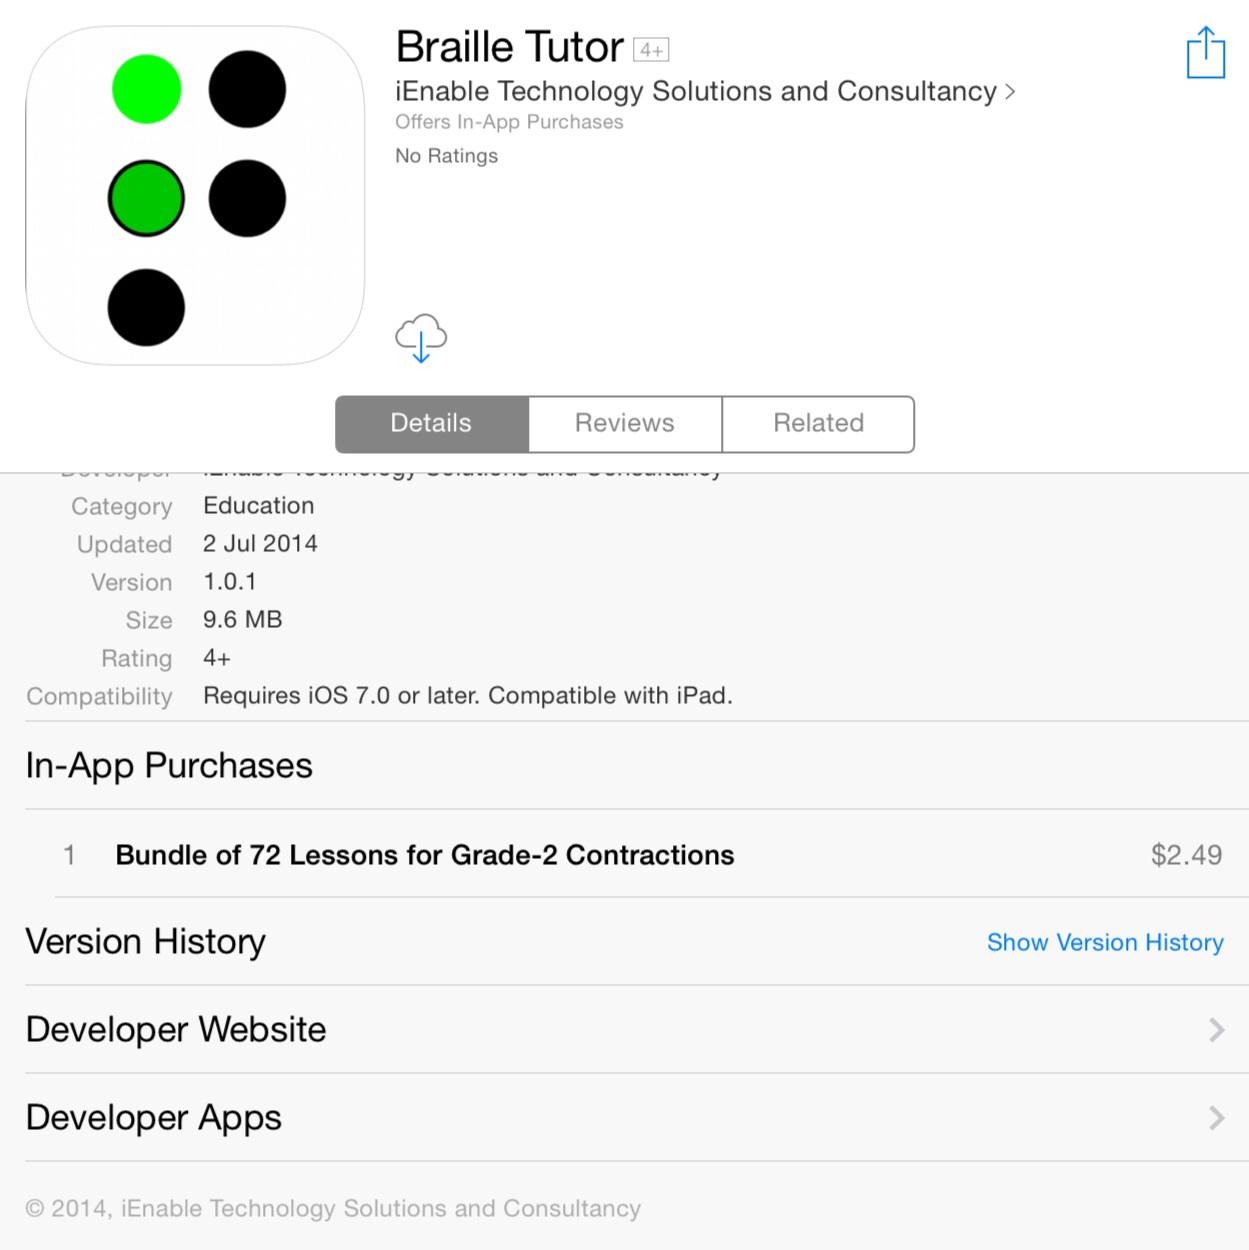 Braille Tutor on the Australian AppStore